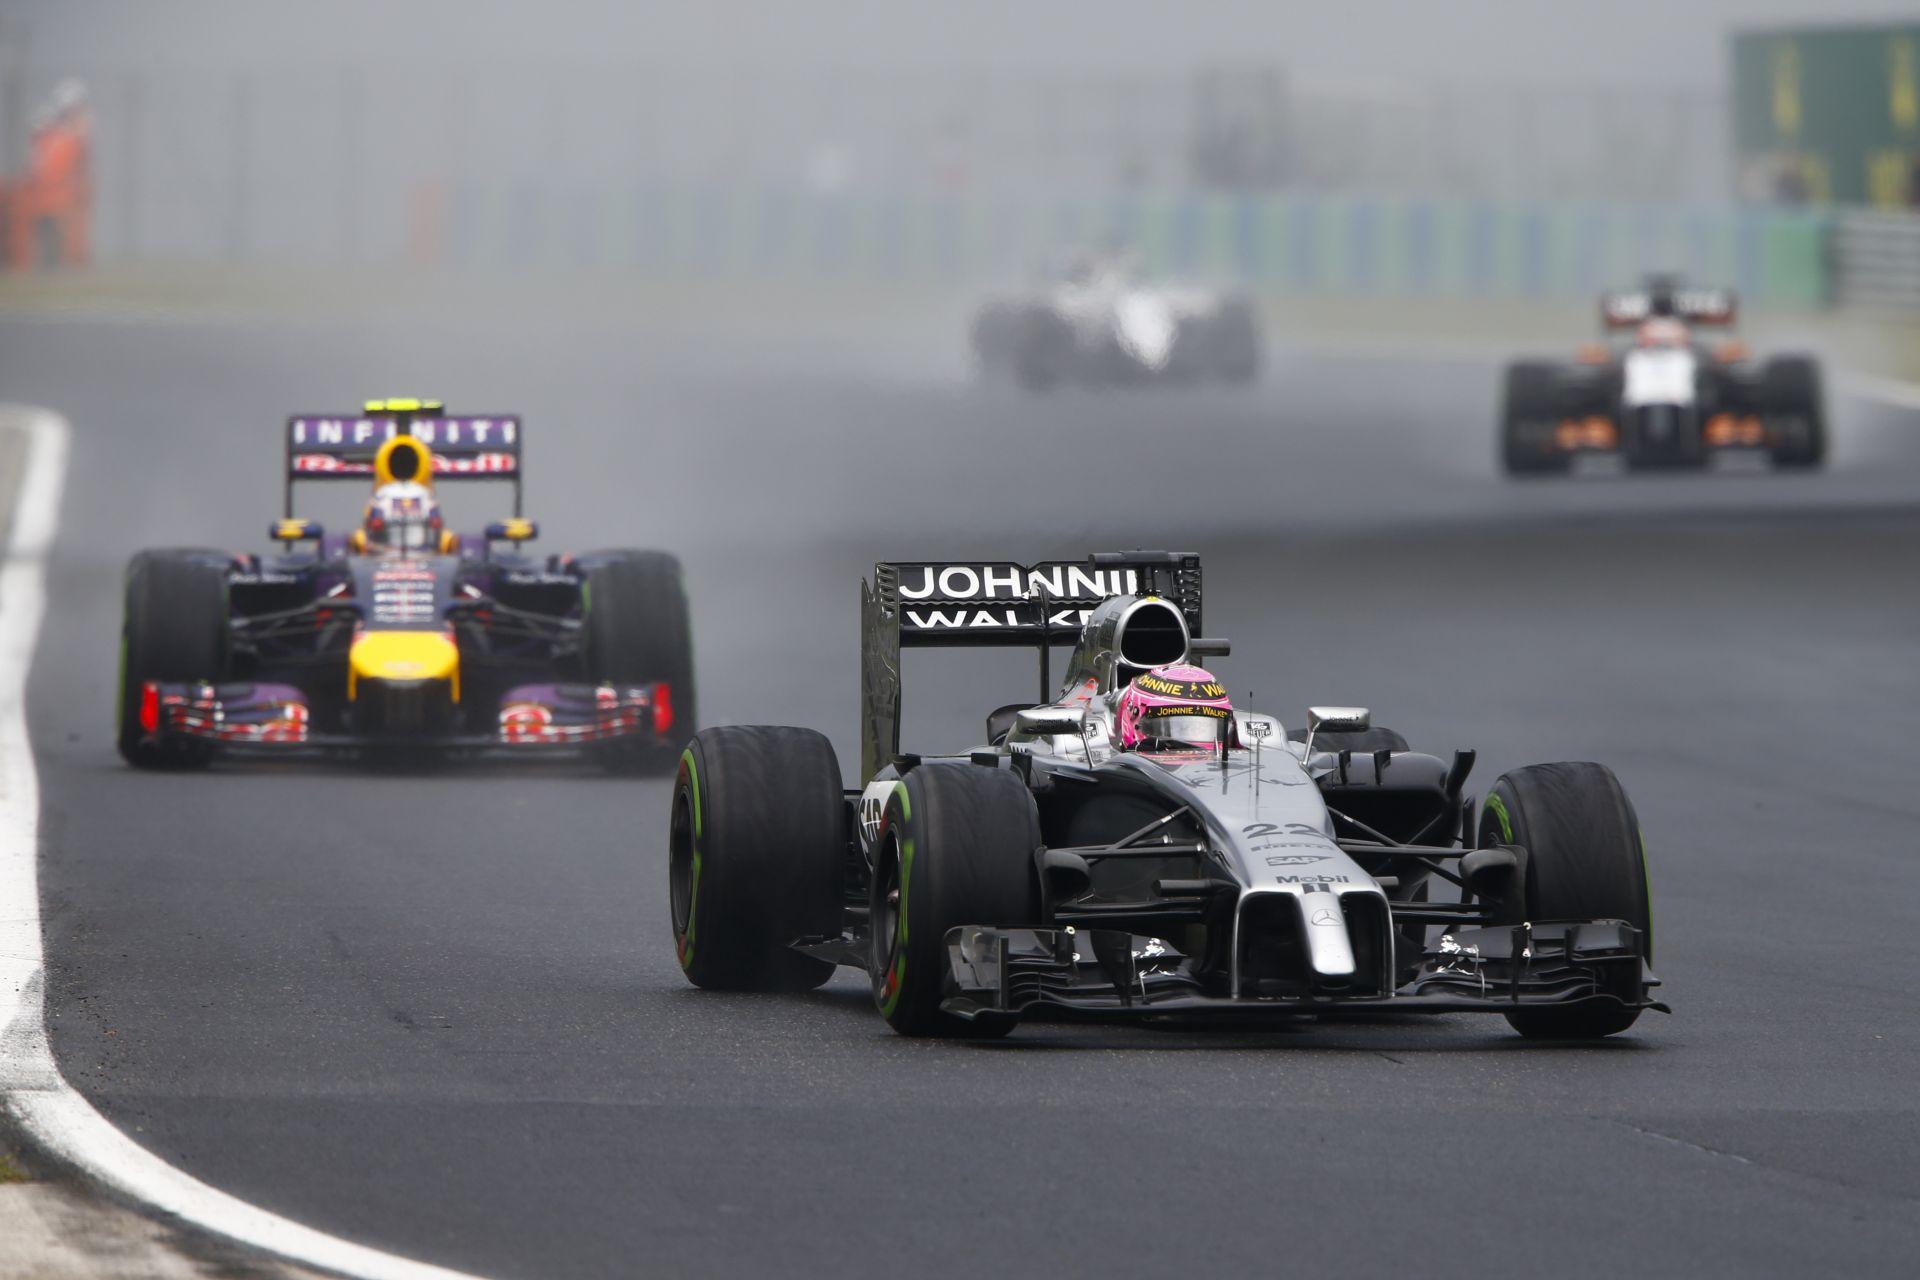 A McLaren változtat a Magyar Nagydíjon elkövetett baklövése után